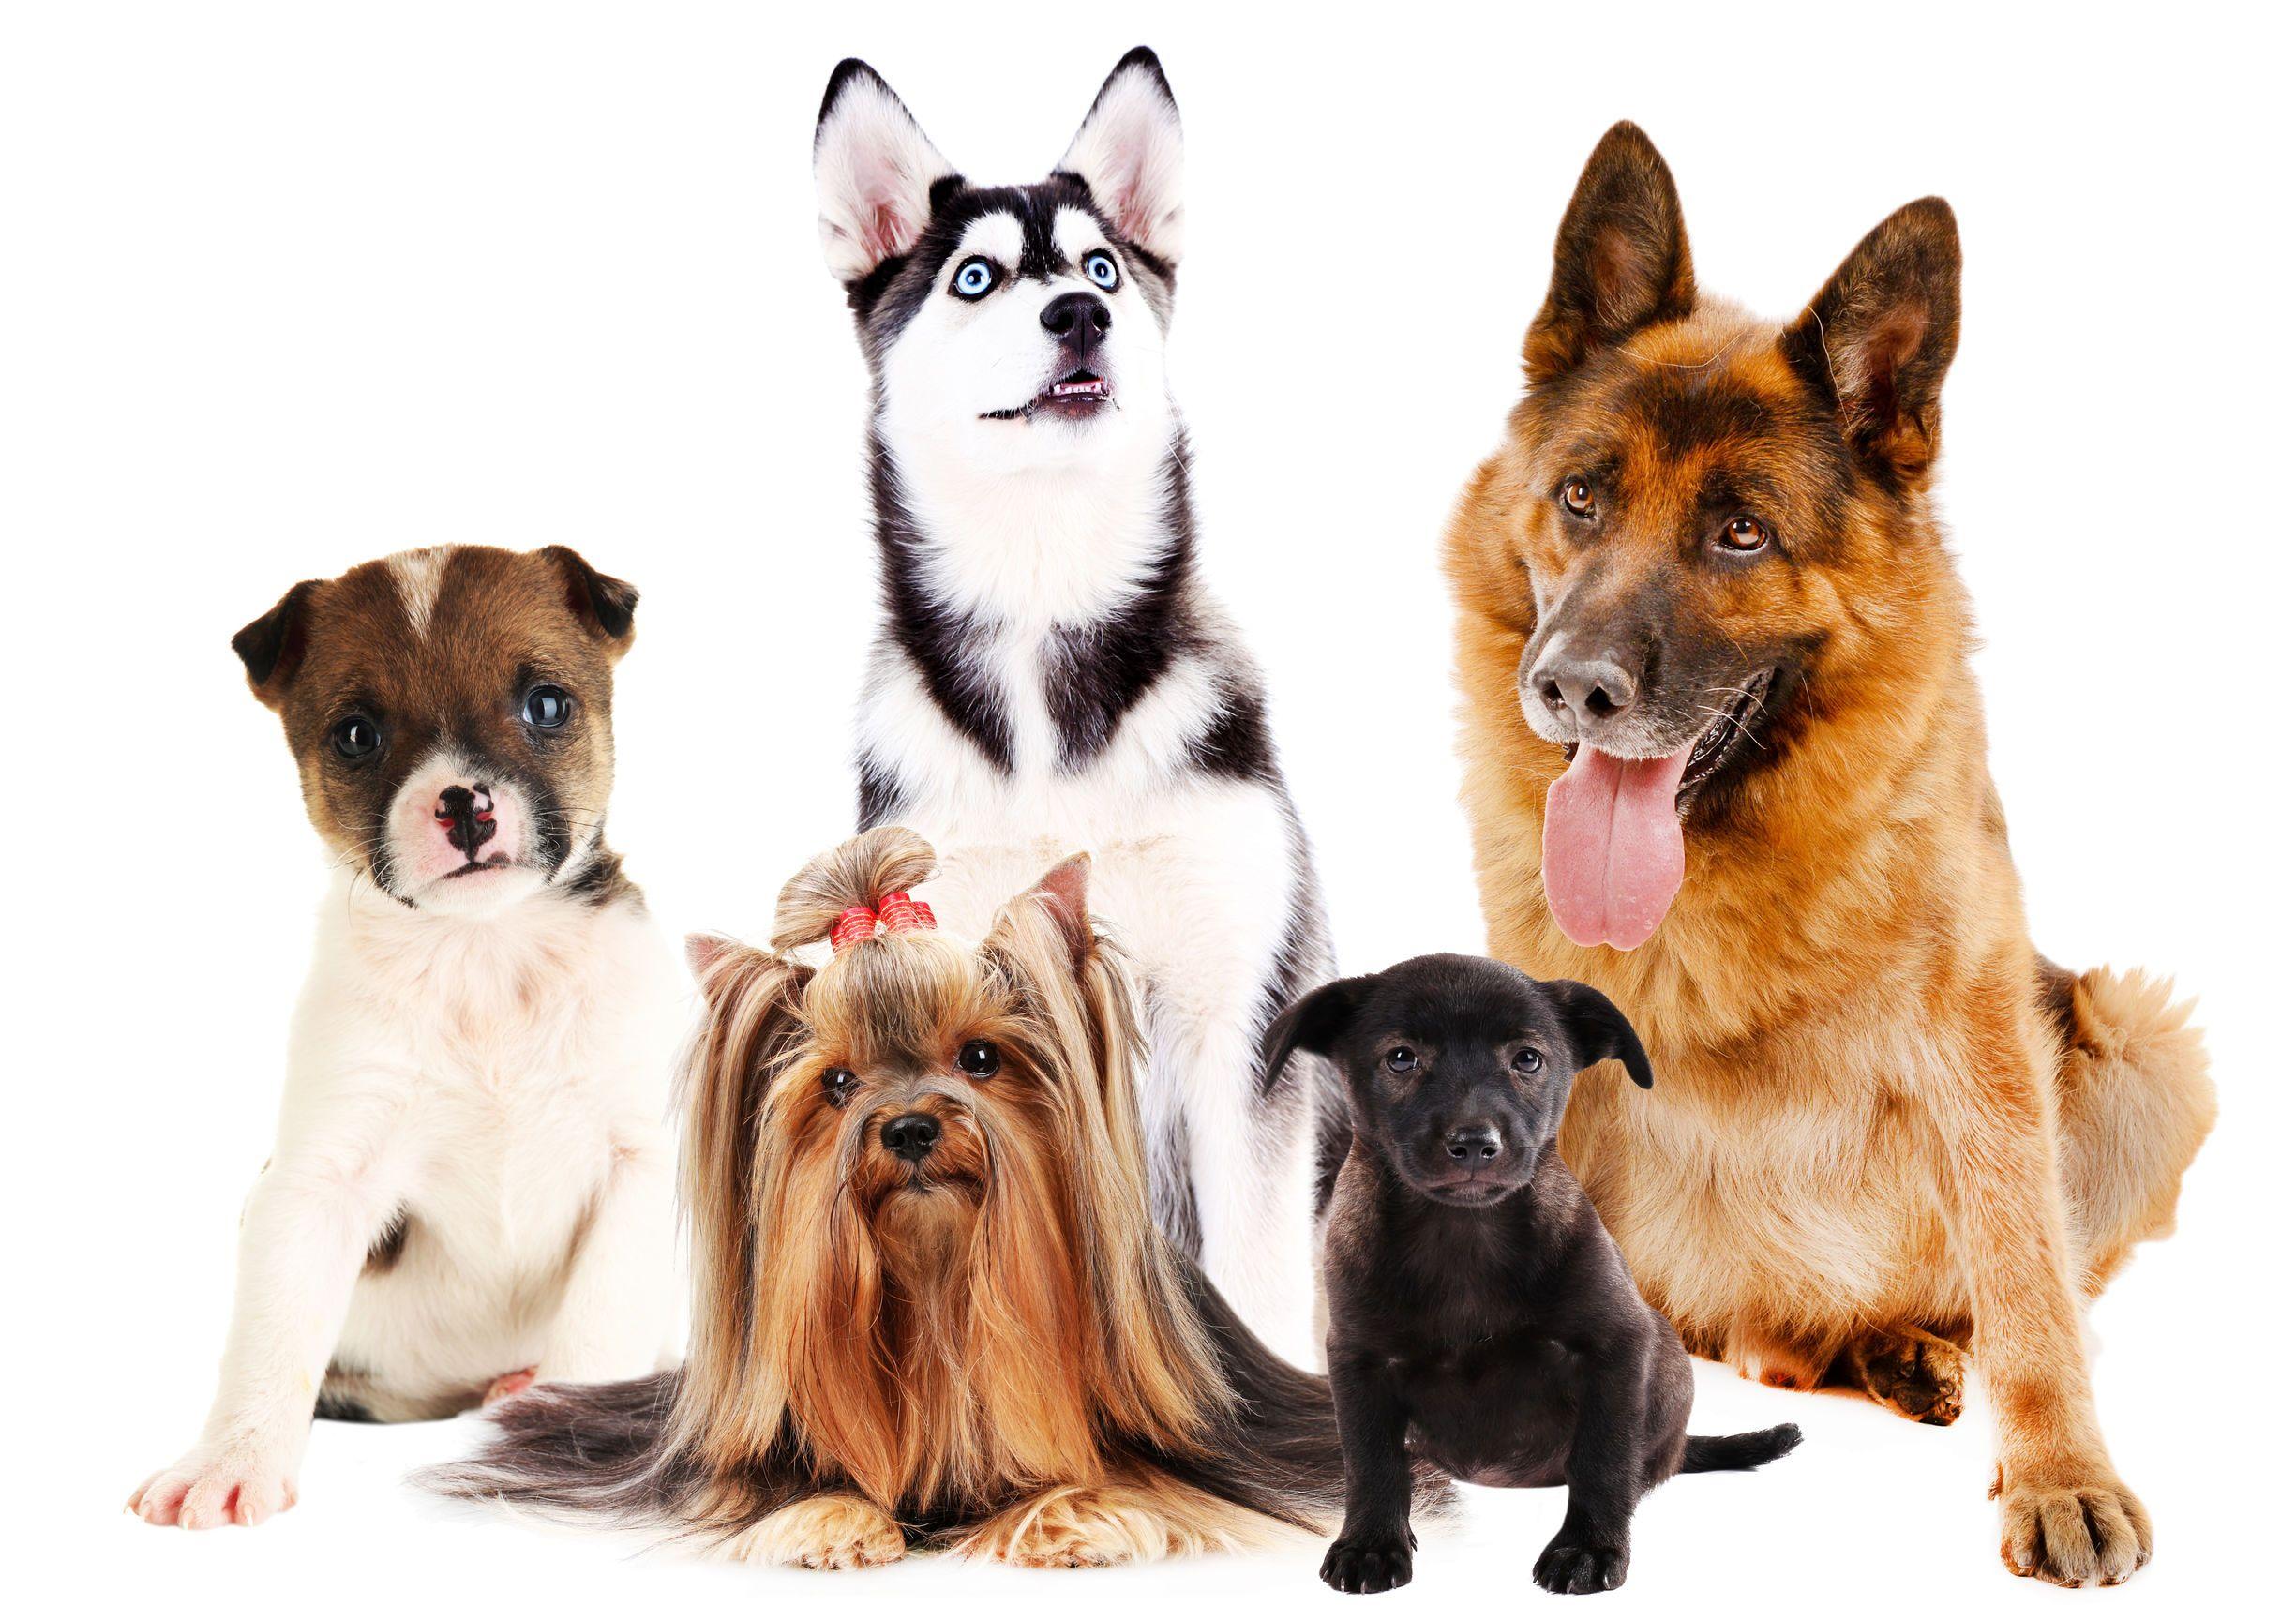 Chwalebne 10 najzdrowszych ras psów na świecie - Zwierzosfera OA37